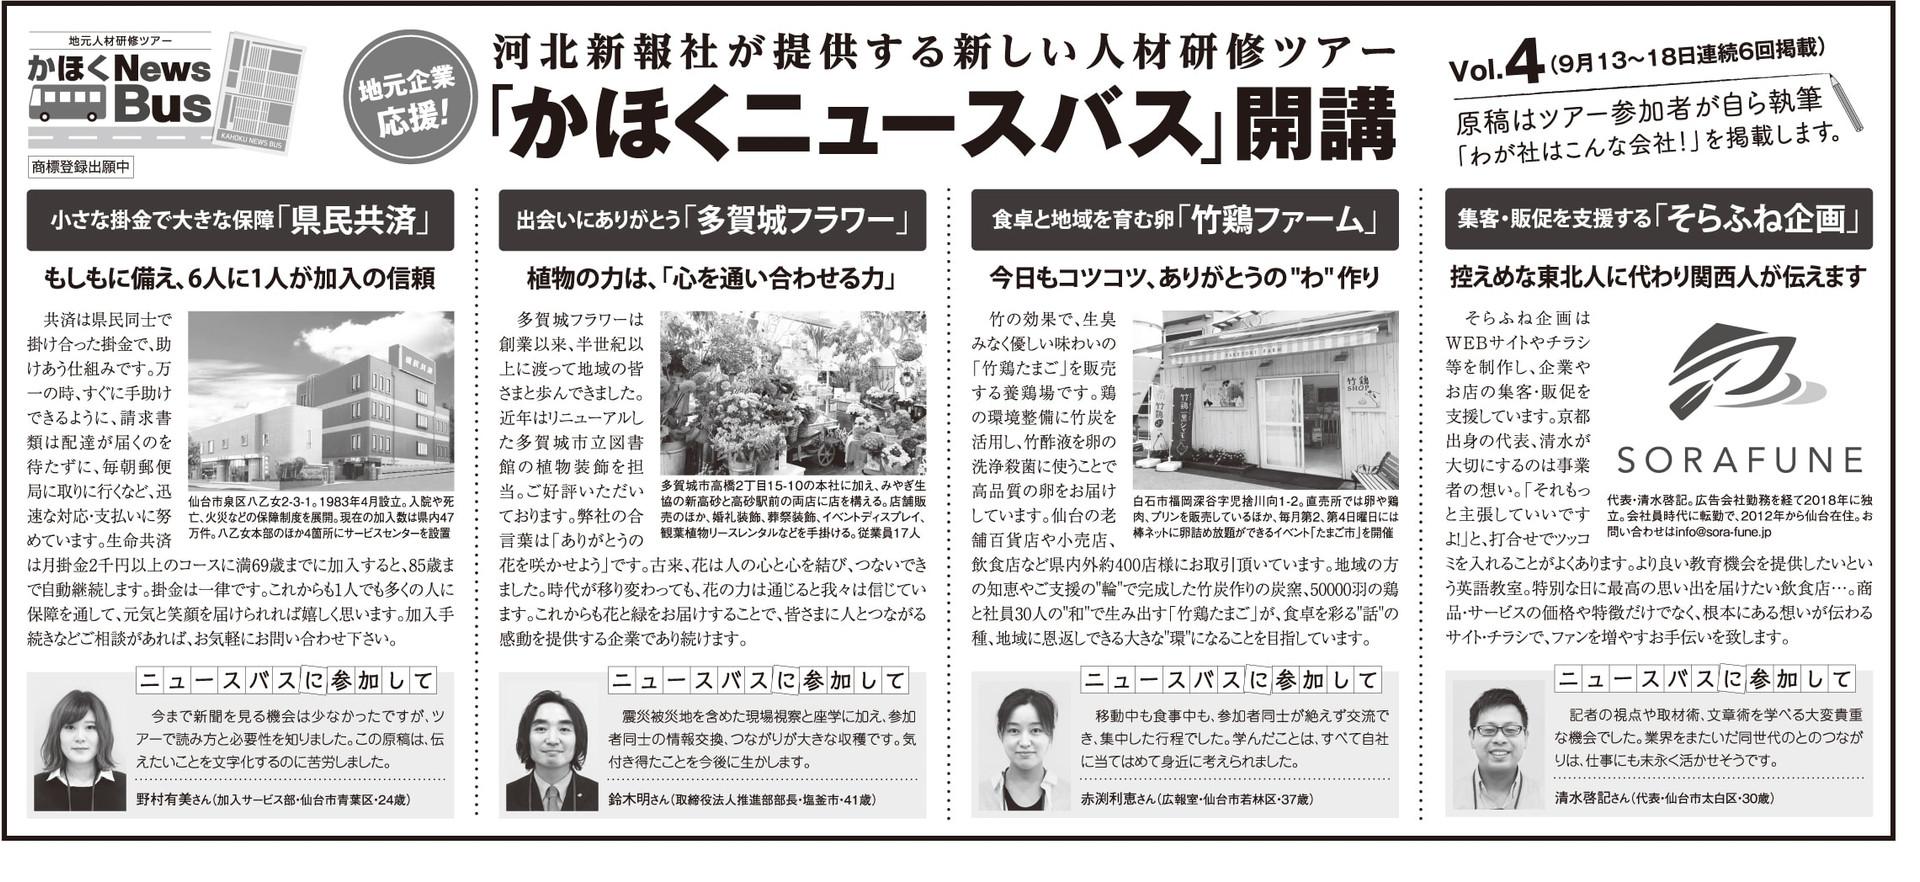 かほくNews Bus 広告原稿_Vol4-min.jpg